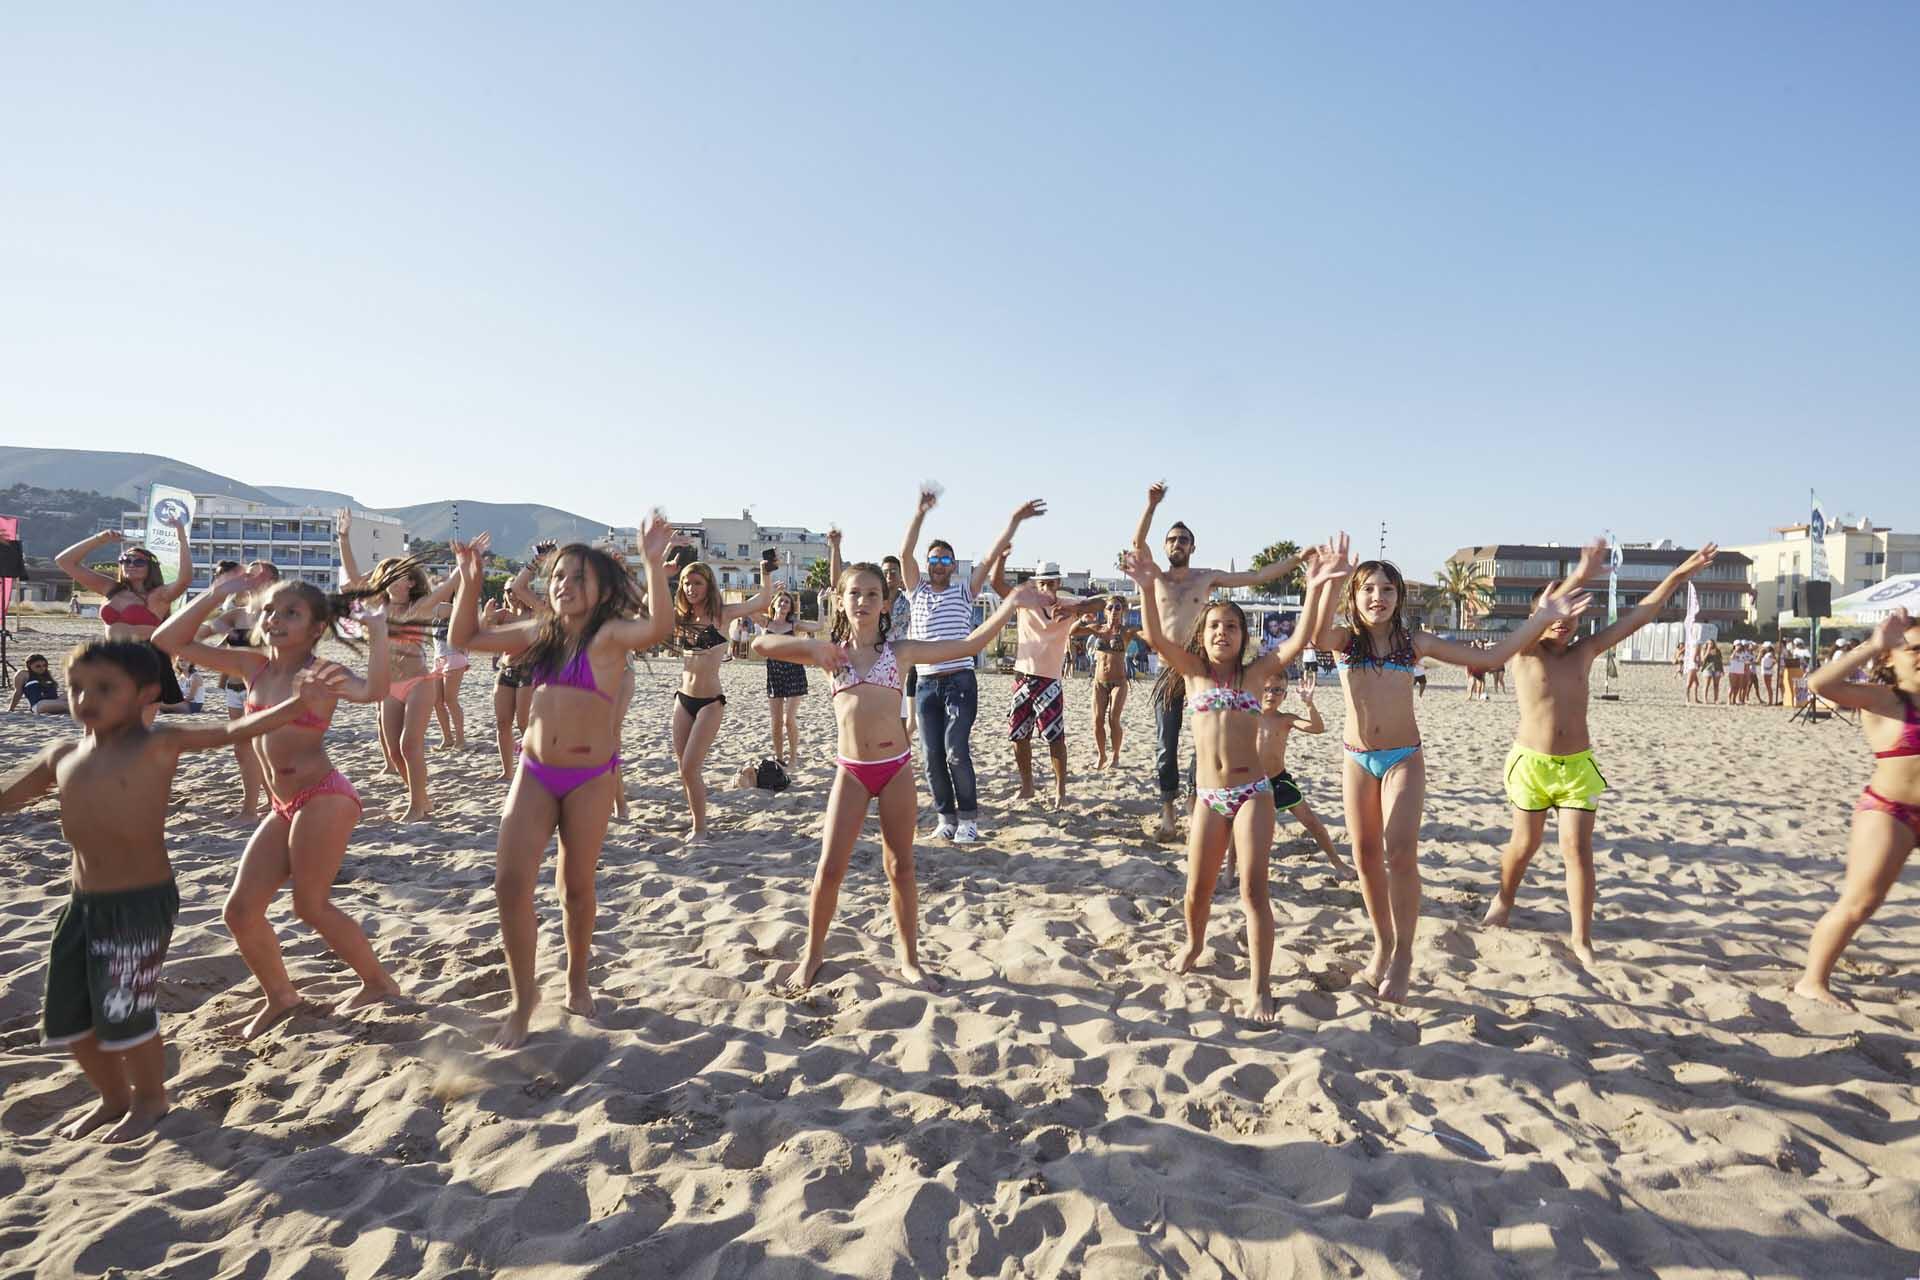 Invitados bailando en la arena durante la celebración de los 25 años de la revista Cosmopolitan en la fiesta que hicieron en la playa de Castelldefels